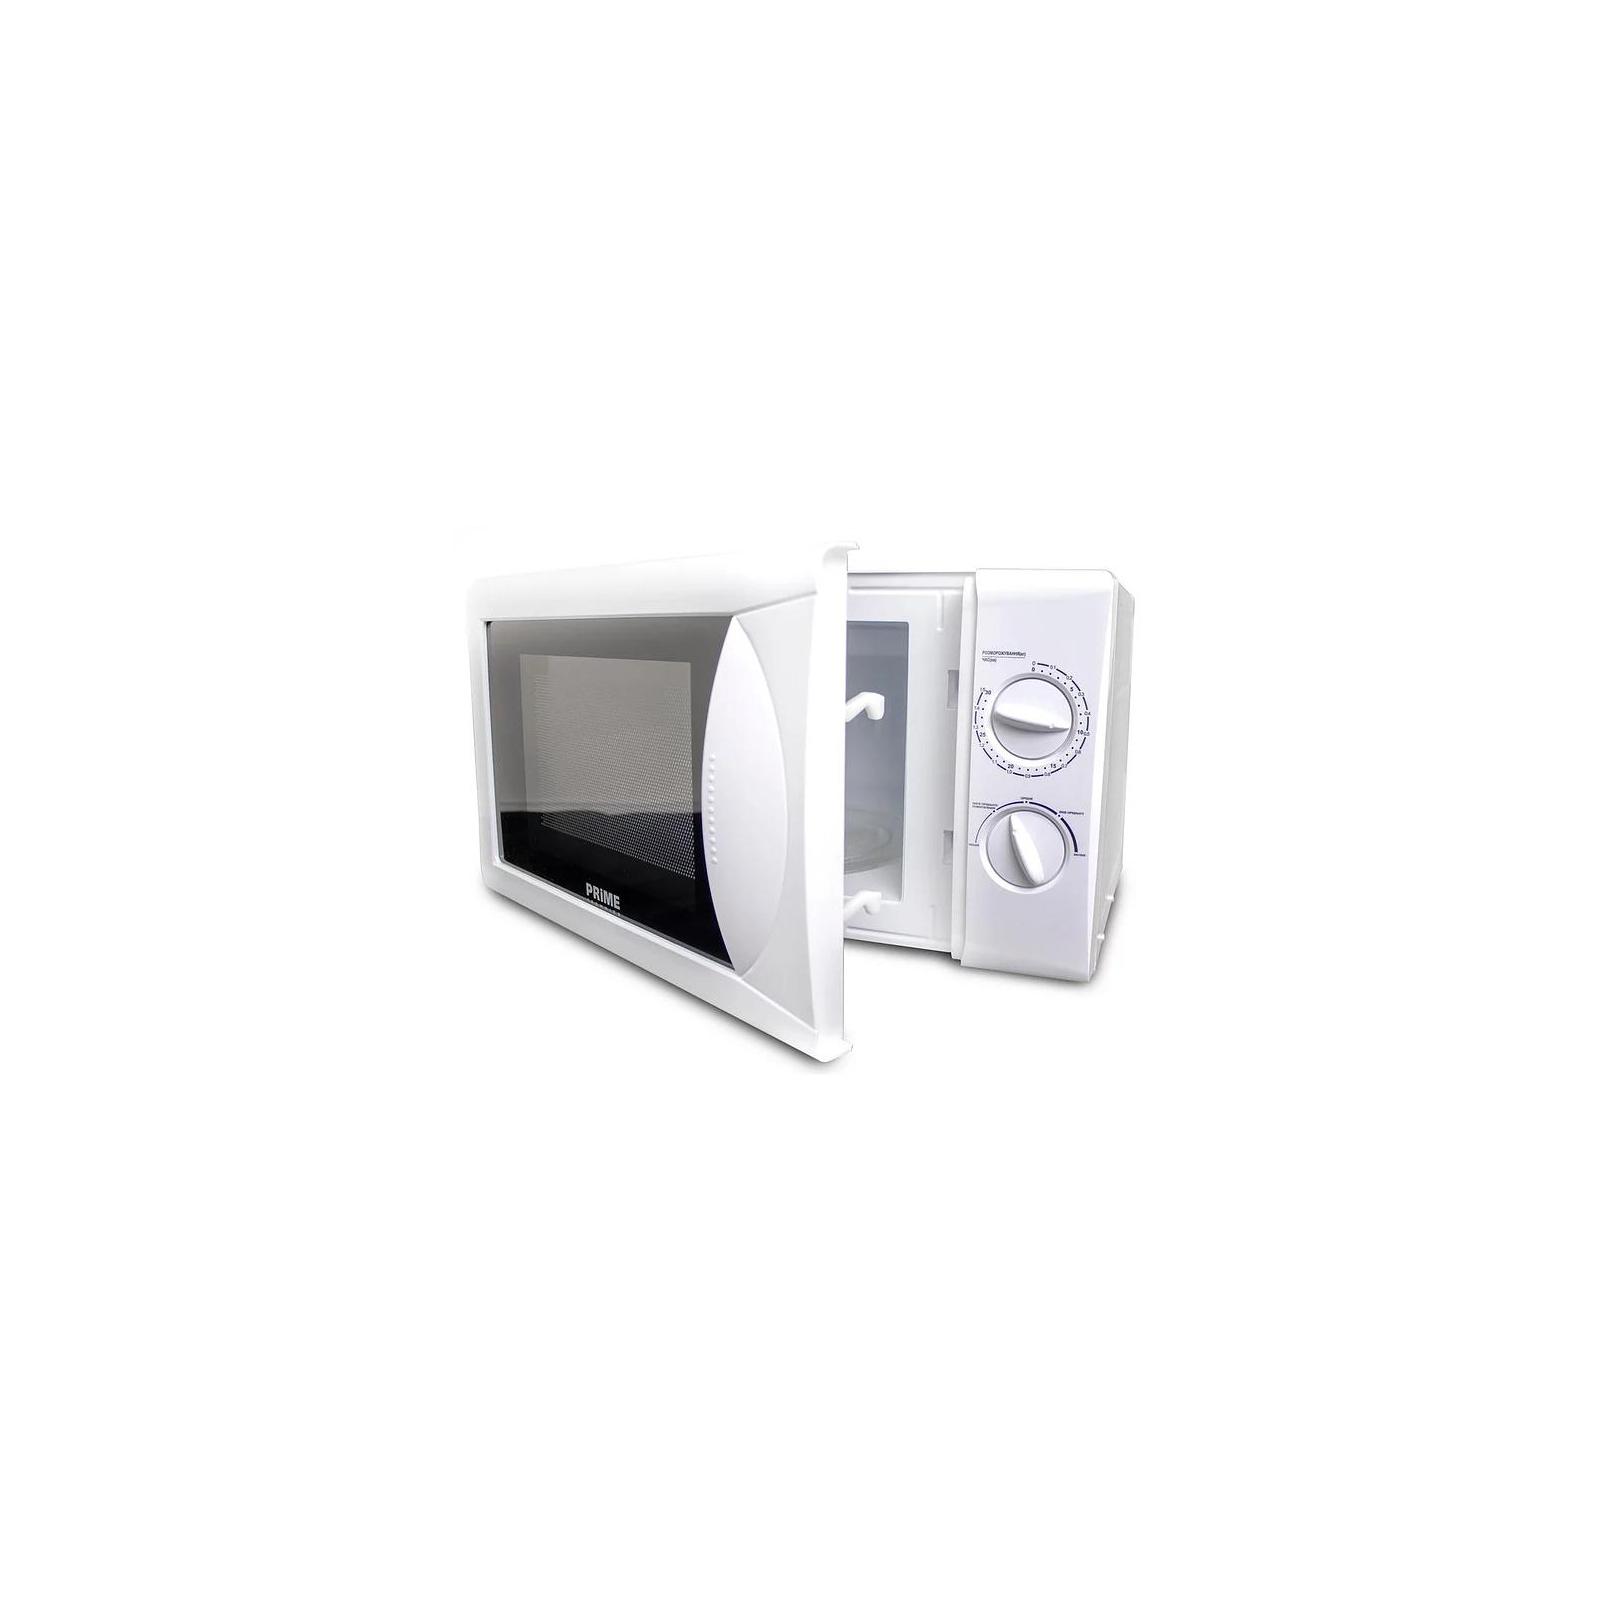 Микроволновая печь PRIME Technics PMW 20751 HW изображение 2